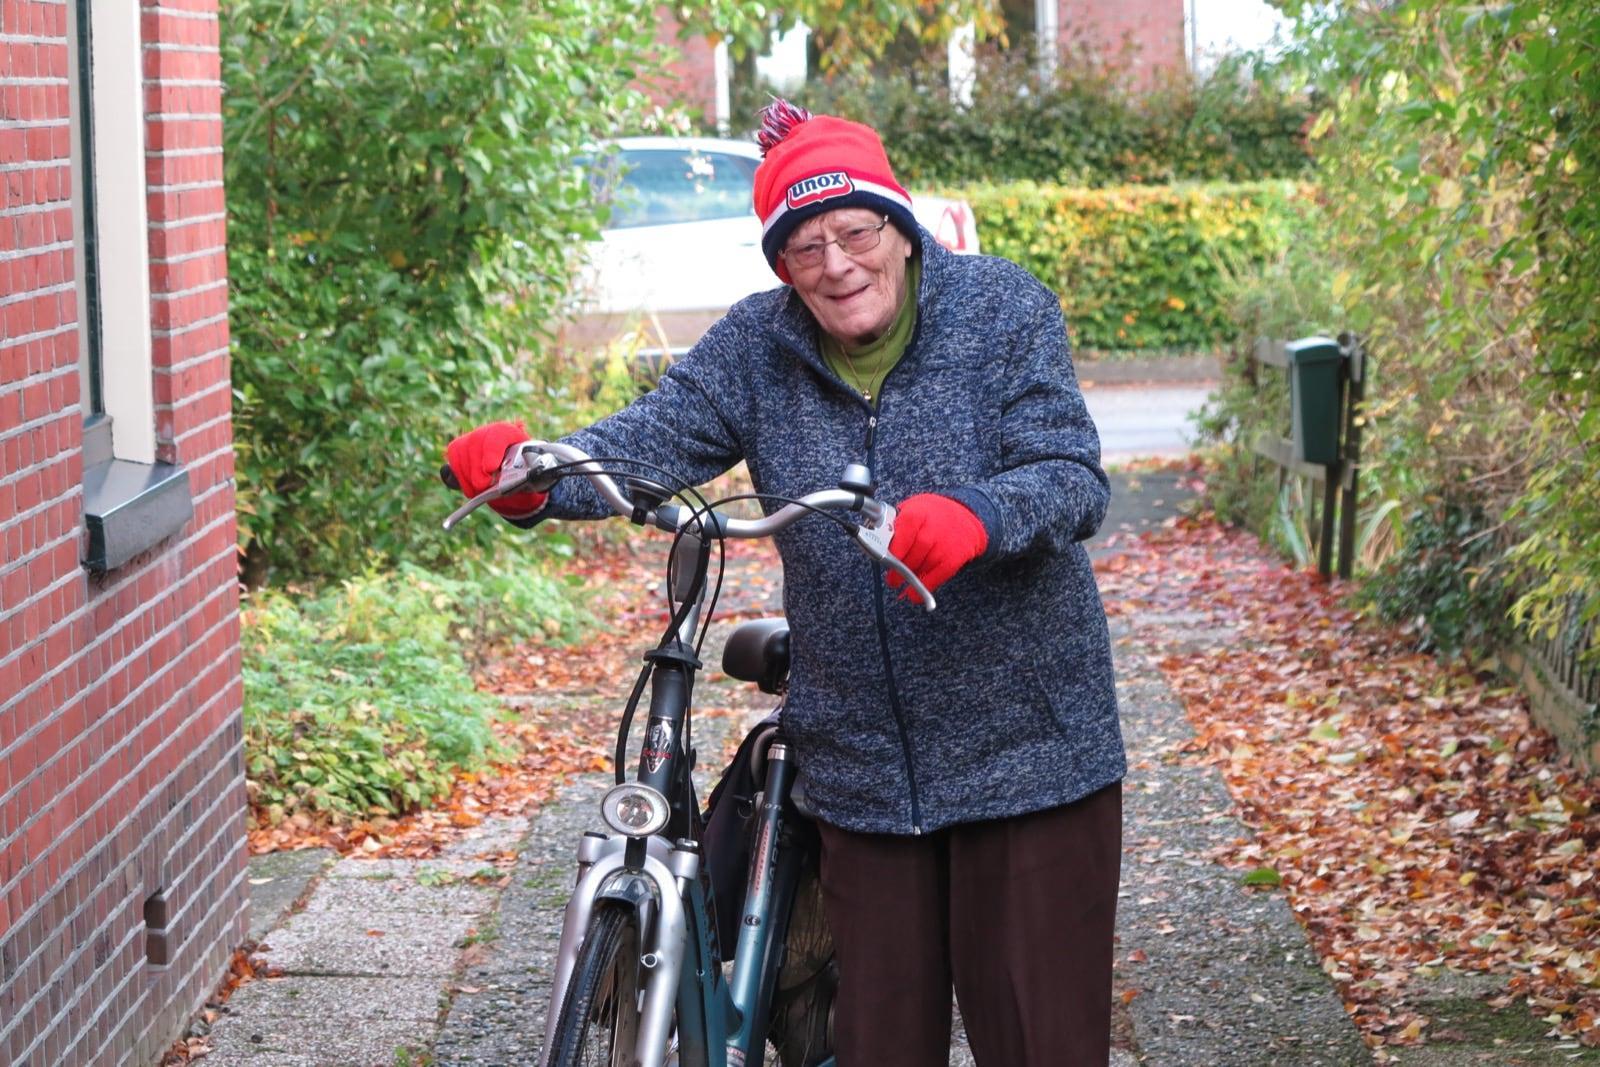 et-fiets-en-fietser-89-roelie-dijkema-en-de-beroemde-oranje-handsen-oi.jpg